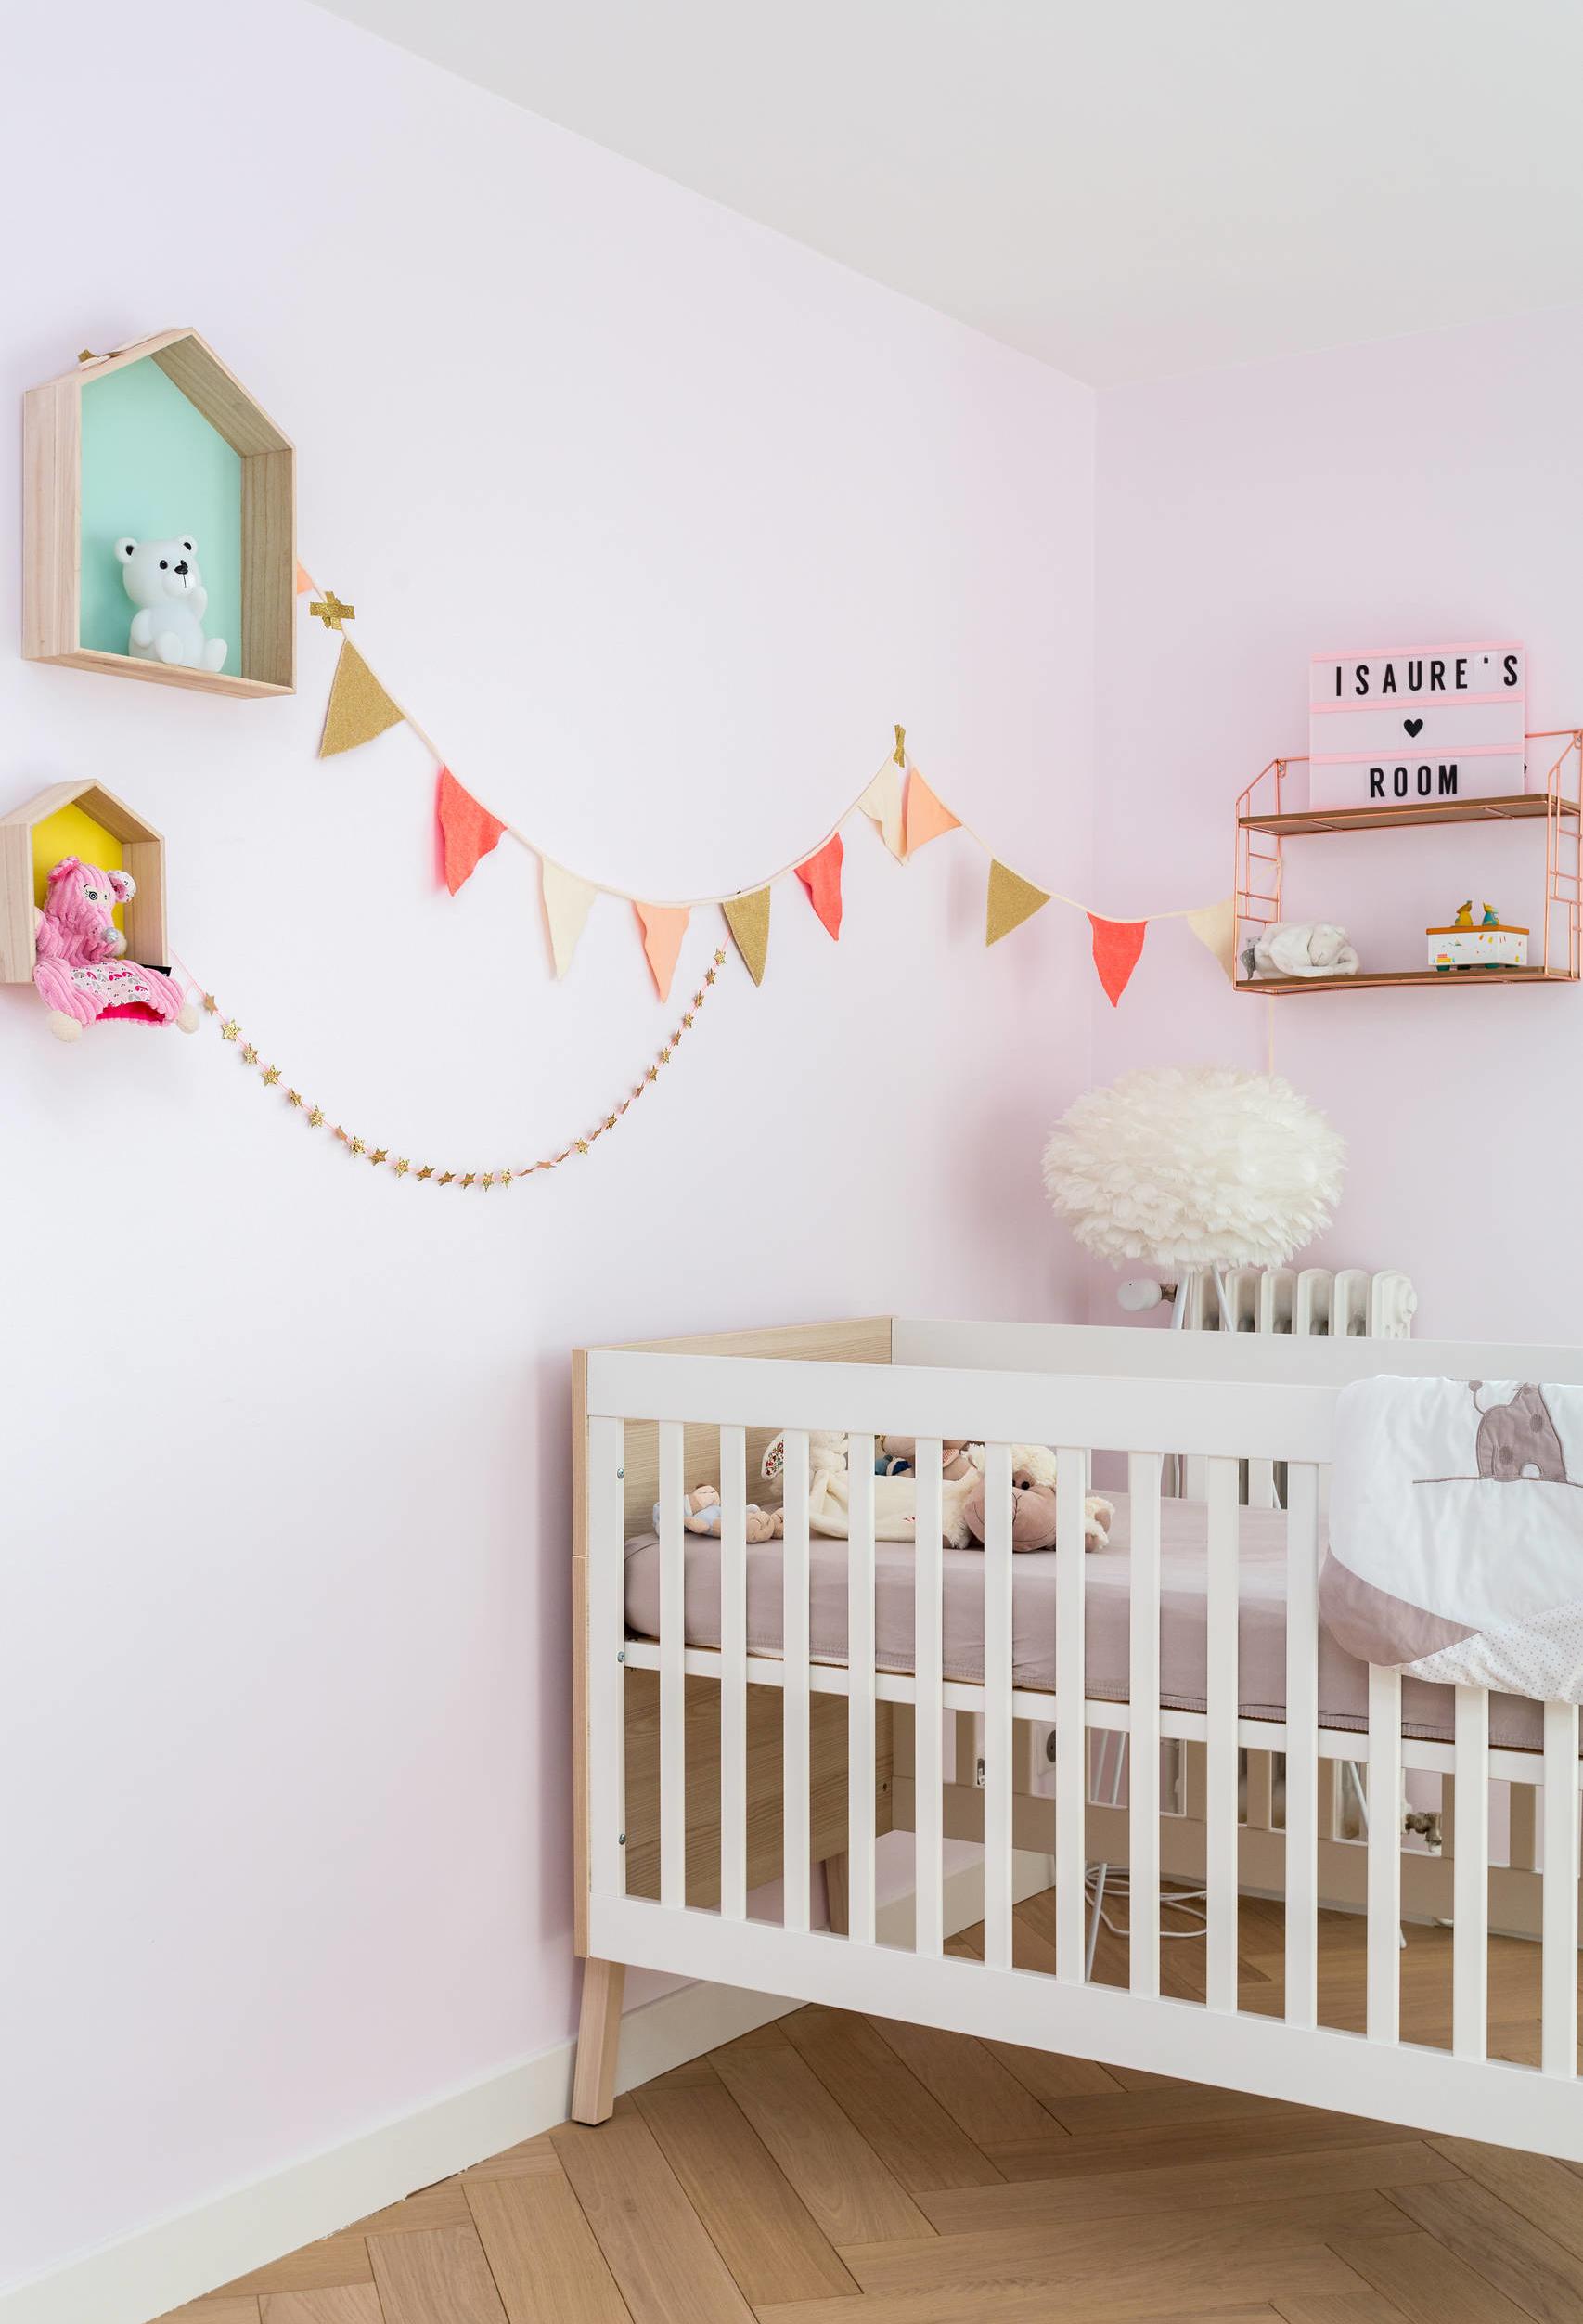 Rosa como um tom pastel para o fundo do quarto: as paredes ganham um tom bem clarinho (quase branco) de rosa, perfeito para uma pintura de parede